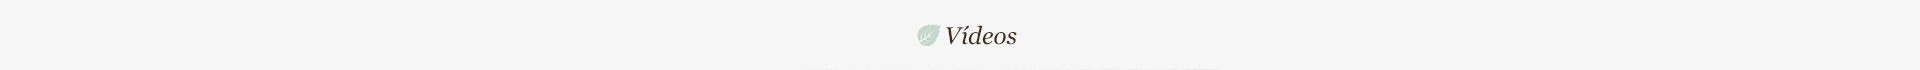 galeria-faixa-videos